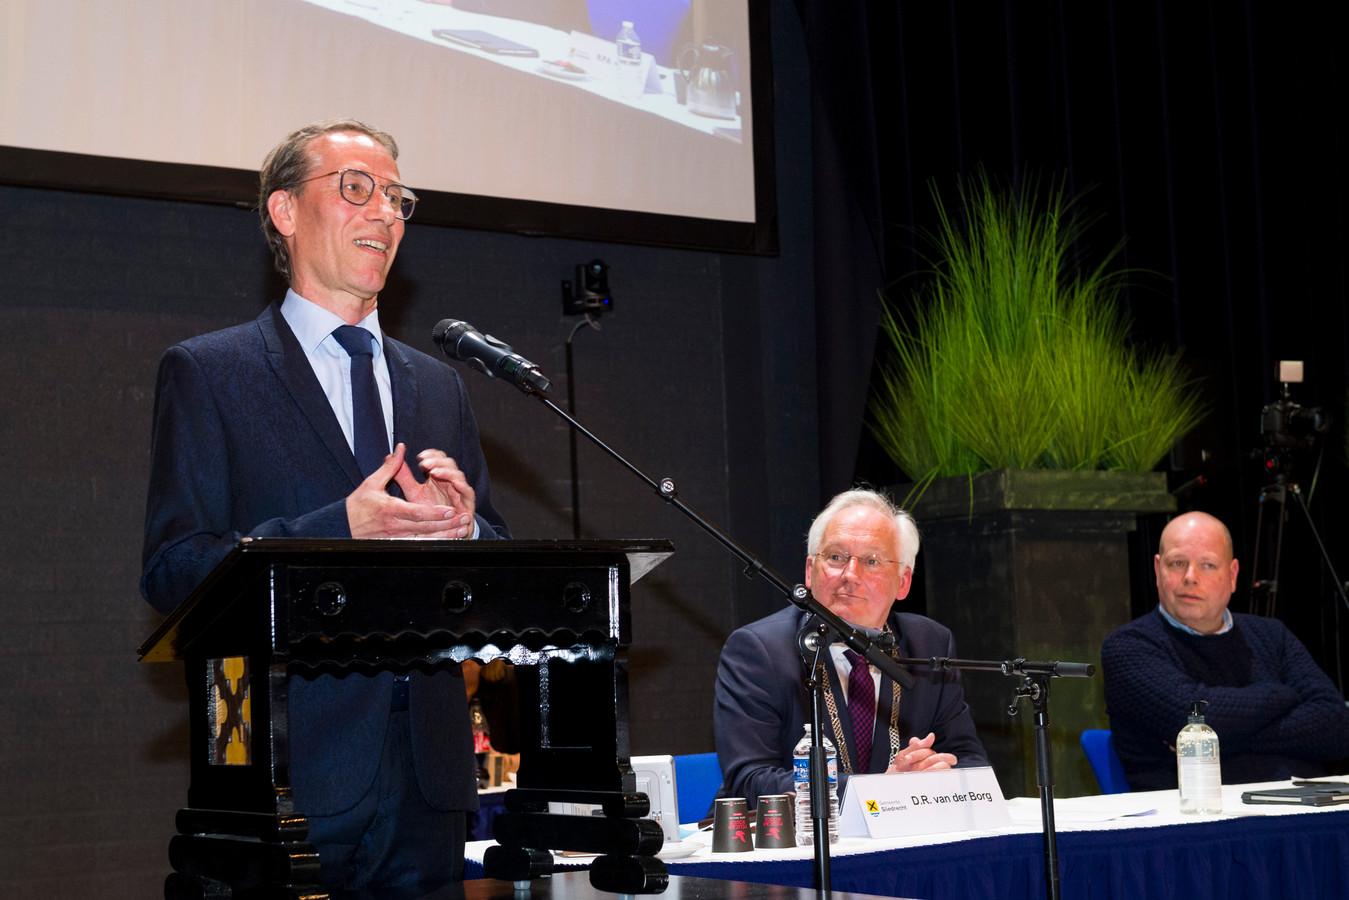 Jan de Vries, direct nadat de gemeenteraad hem voorgedragen heeft als burgmeester. Naast hem waarnemend burgemeester Dirk van der Borg.